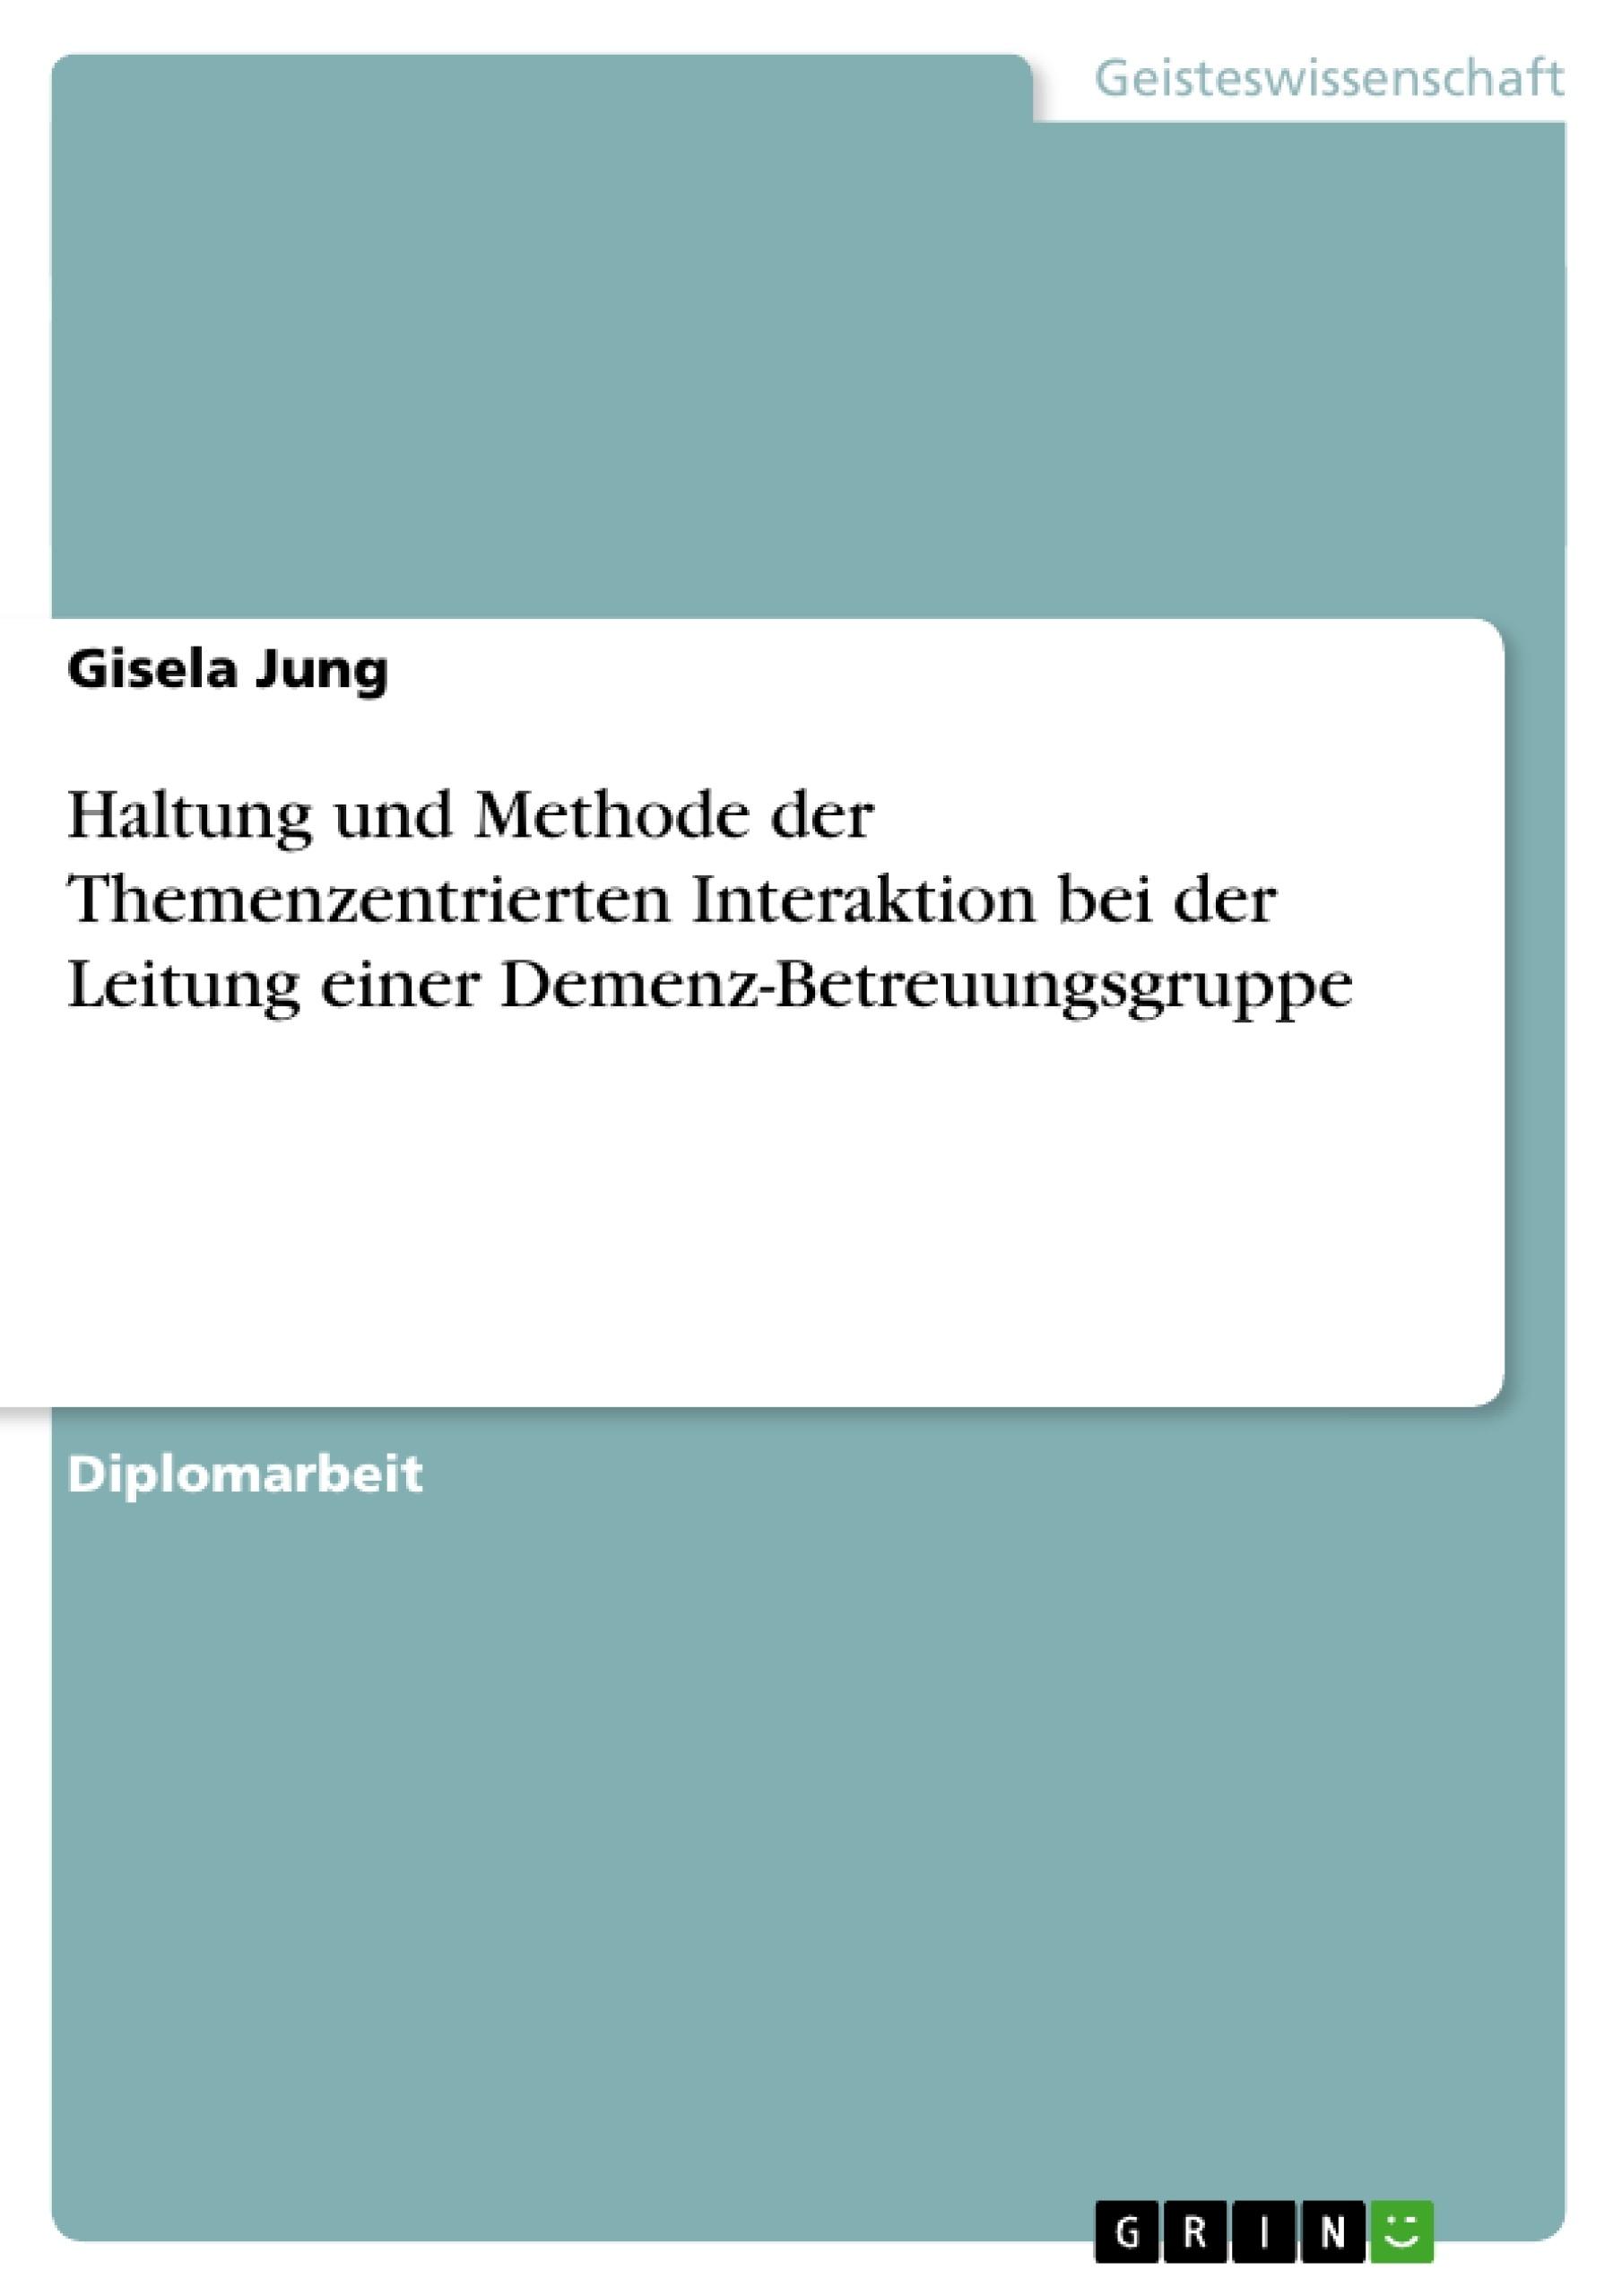 Titel: Haltung und Methode der Themenzentrierten Interaktion bei der Leitung einer Demenz-Betreuungsgruppe